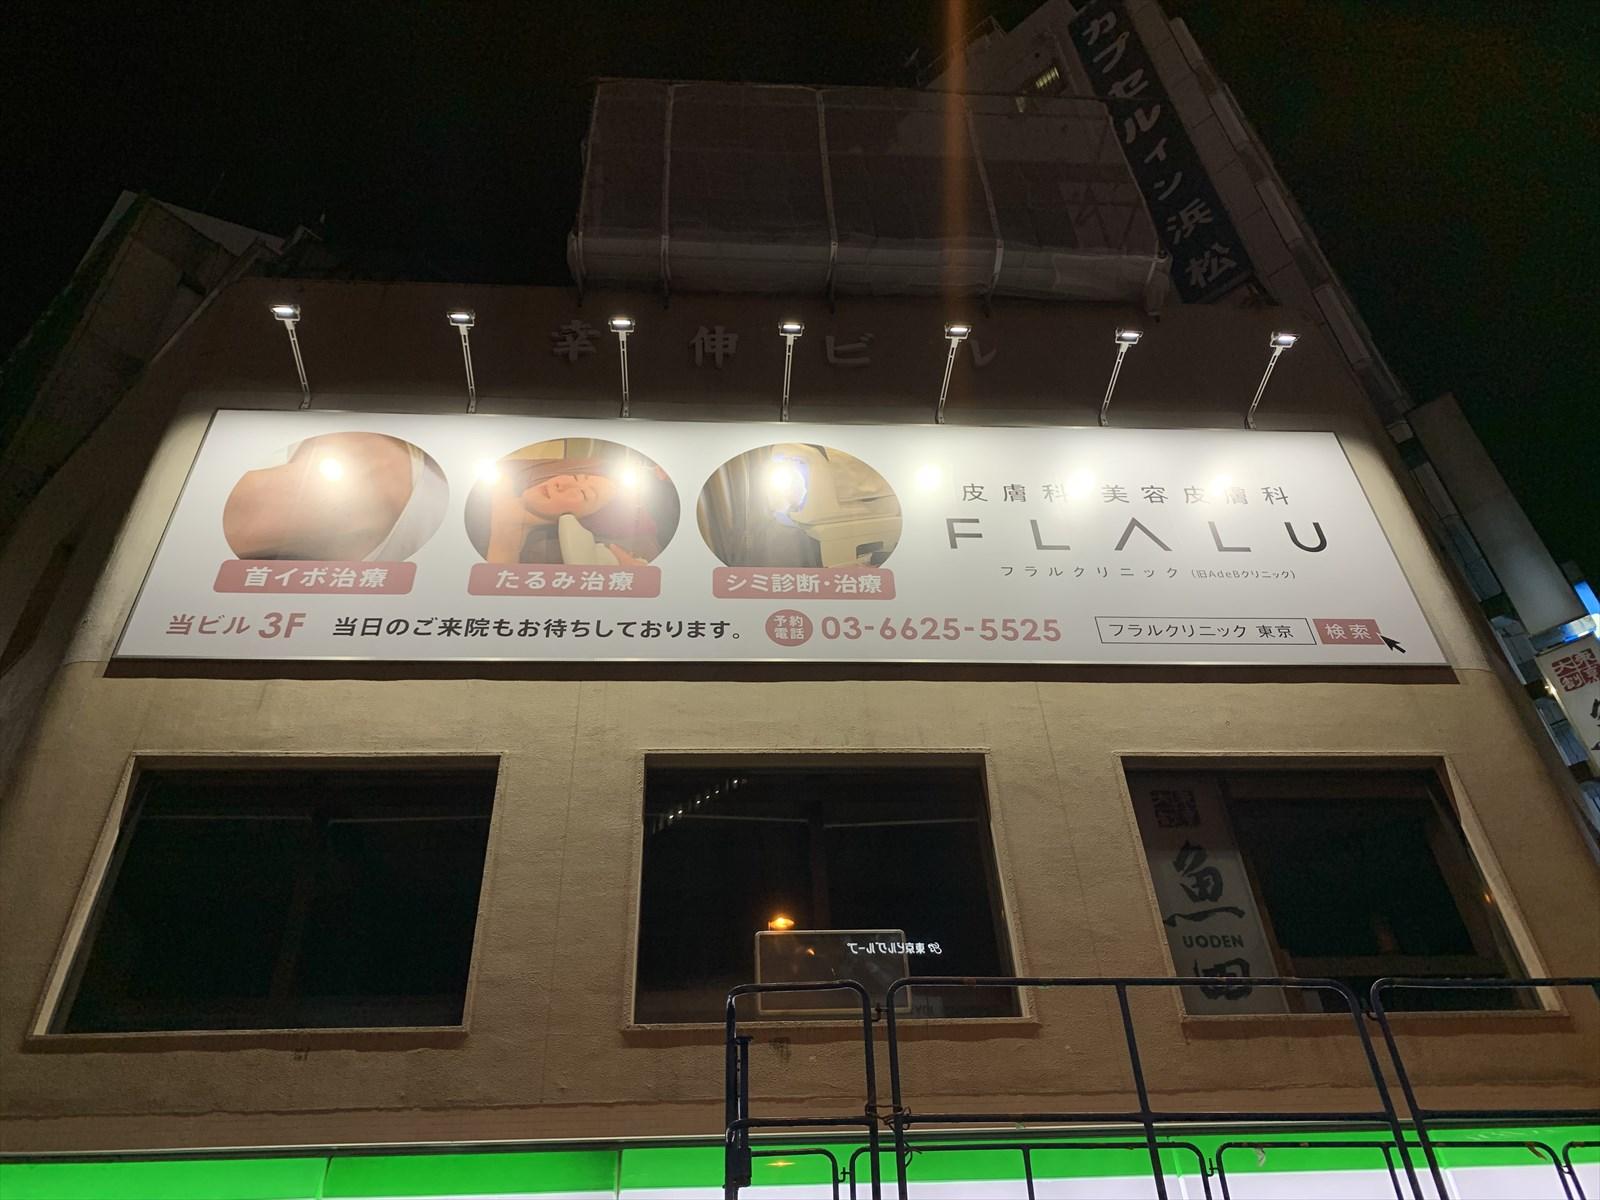 FLALUクリニック東京浜松町院